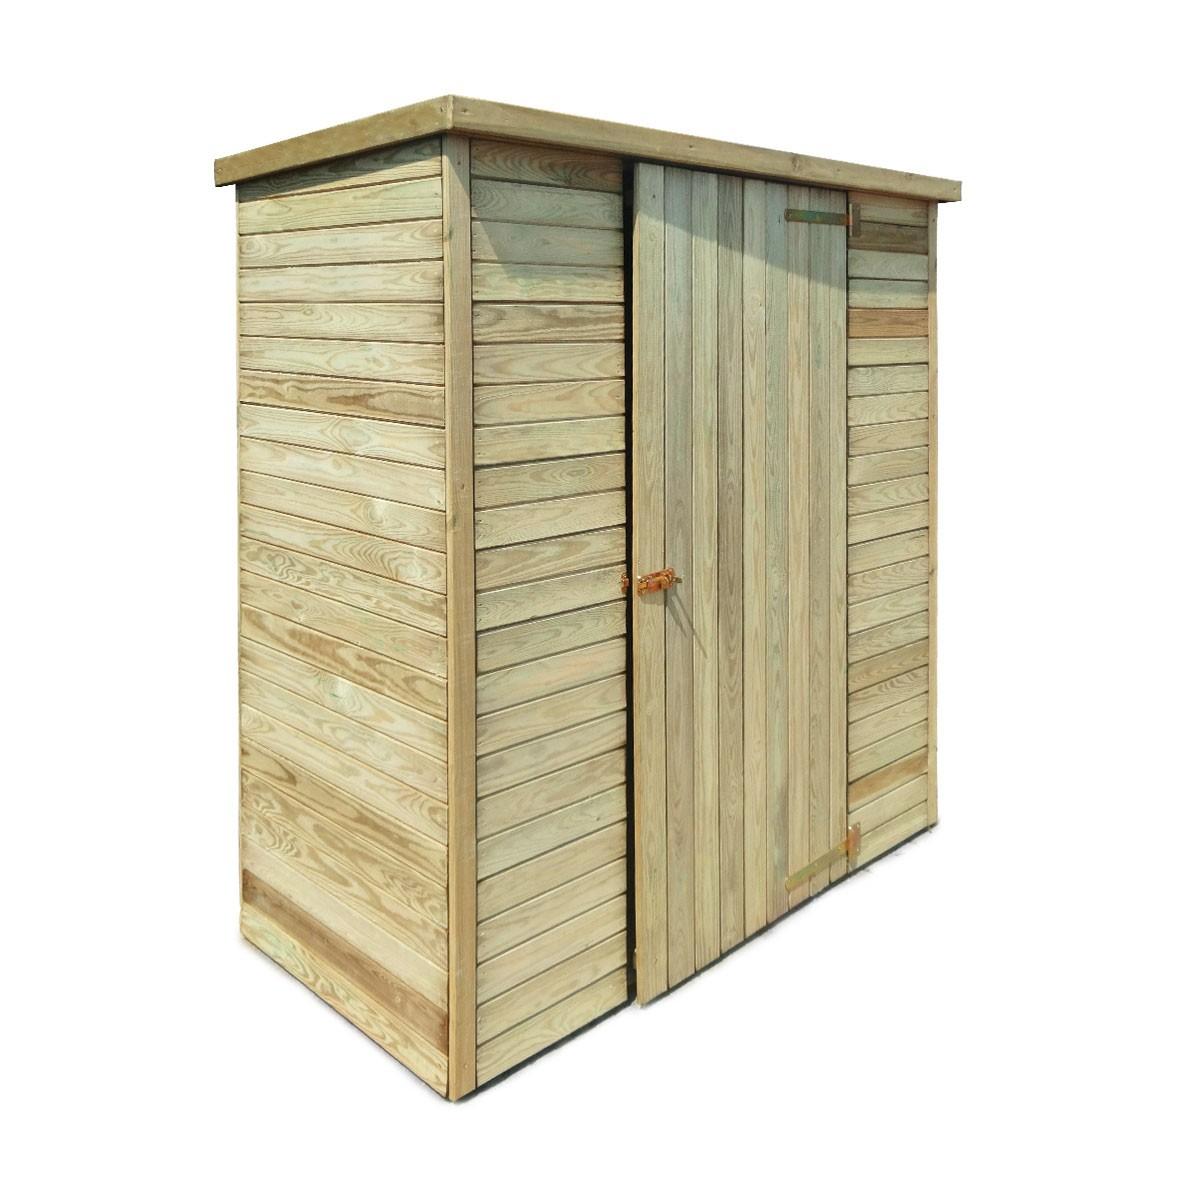 Grande Cabane De Jardin Pas Cher abri de jardin en bois marie 0.92 m² - achat/vente d'abris